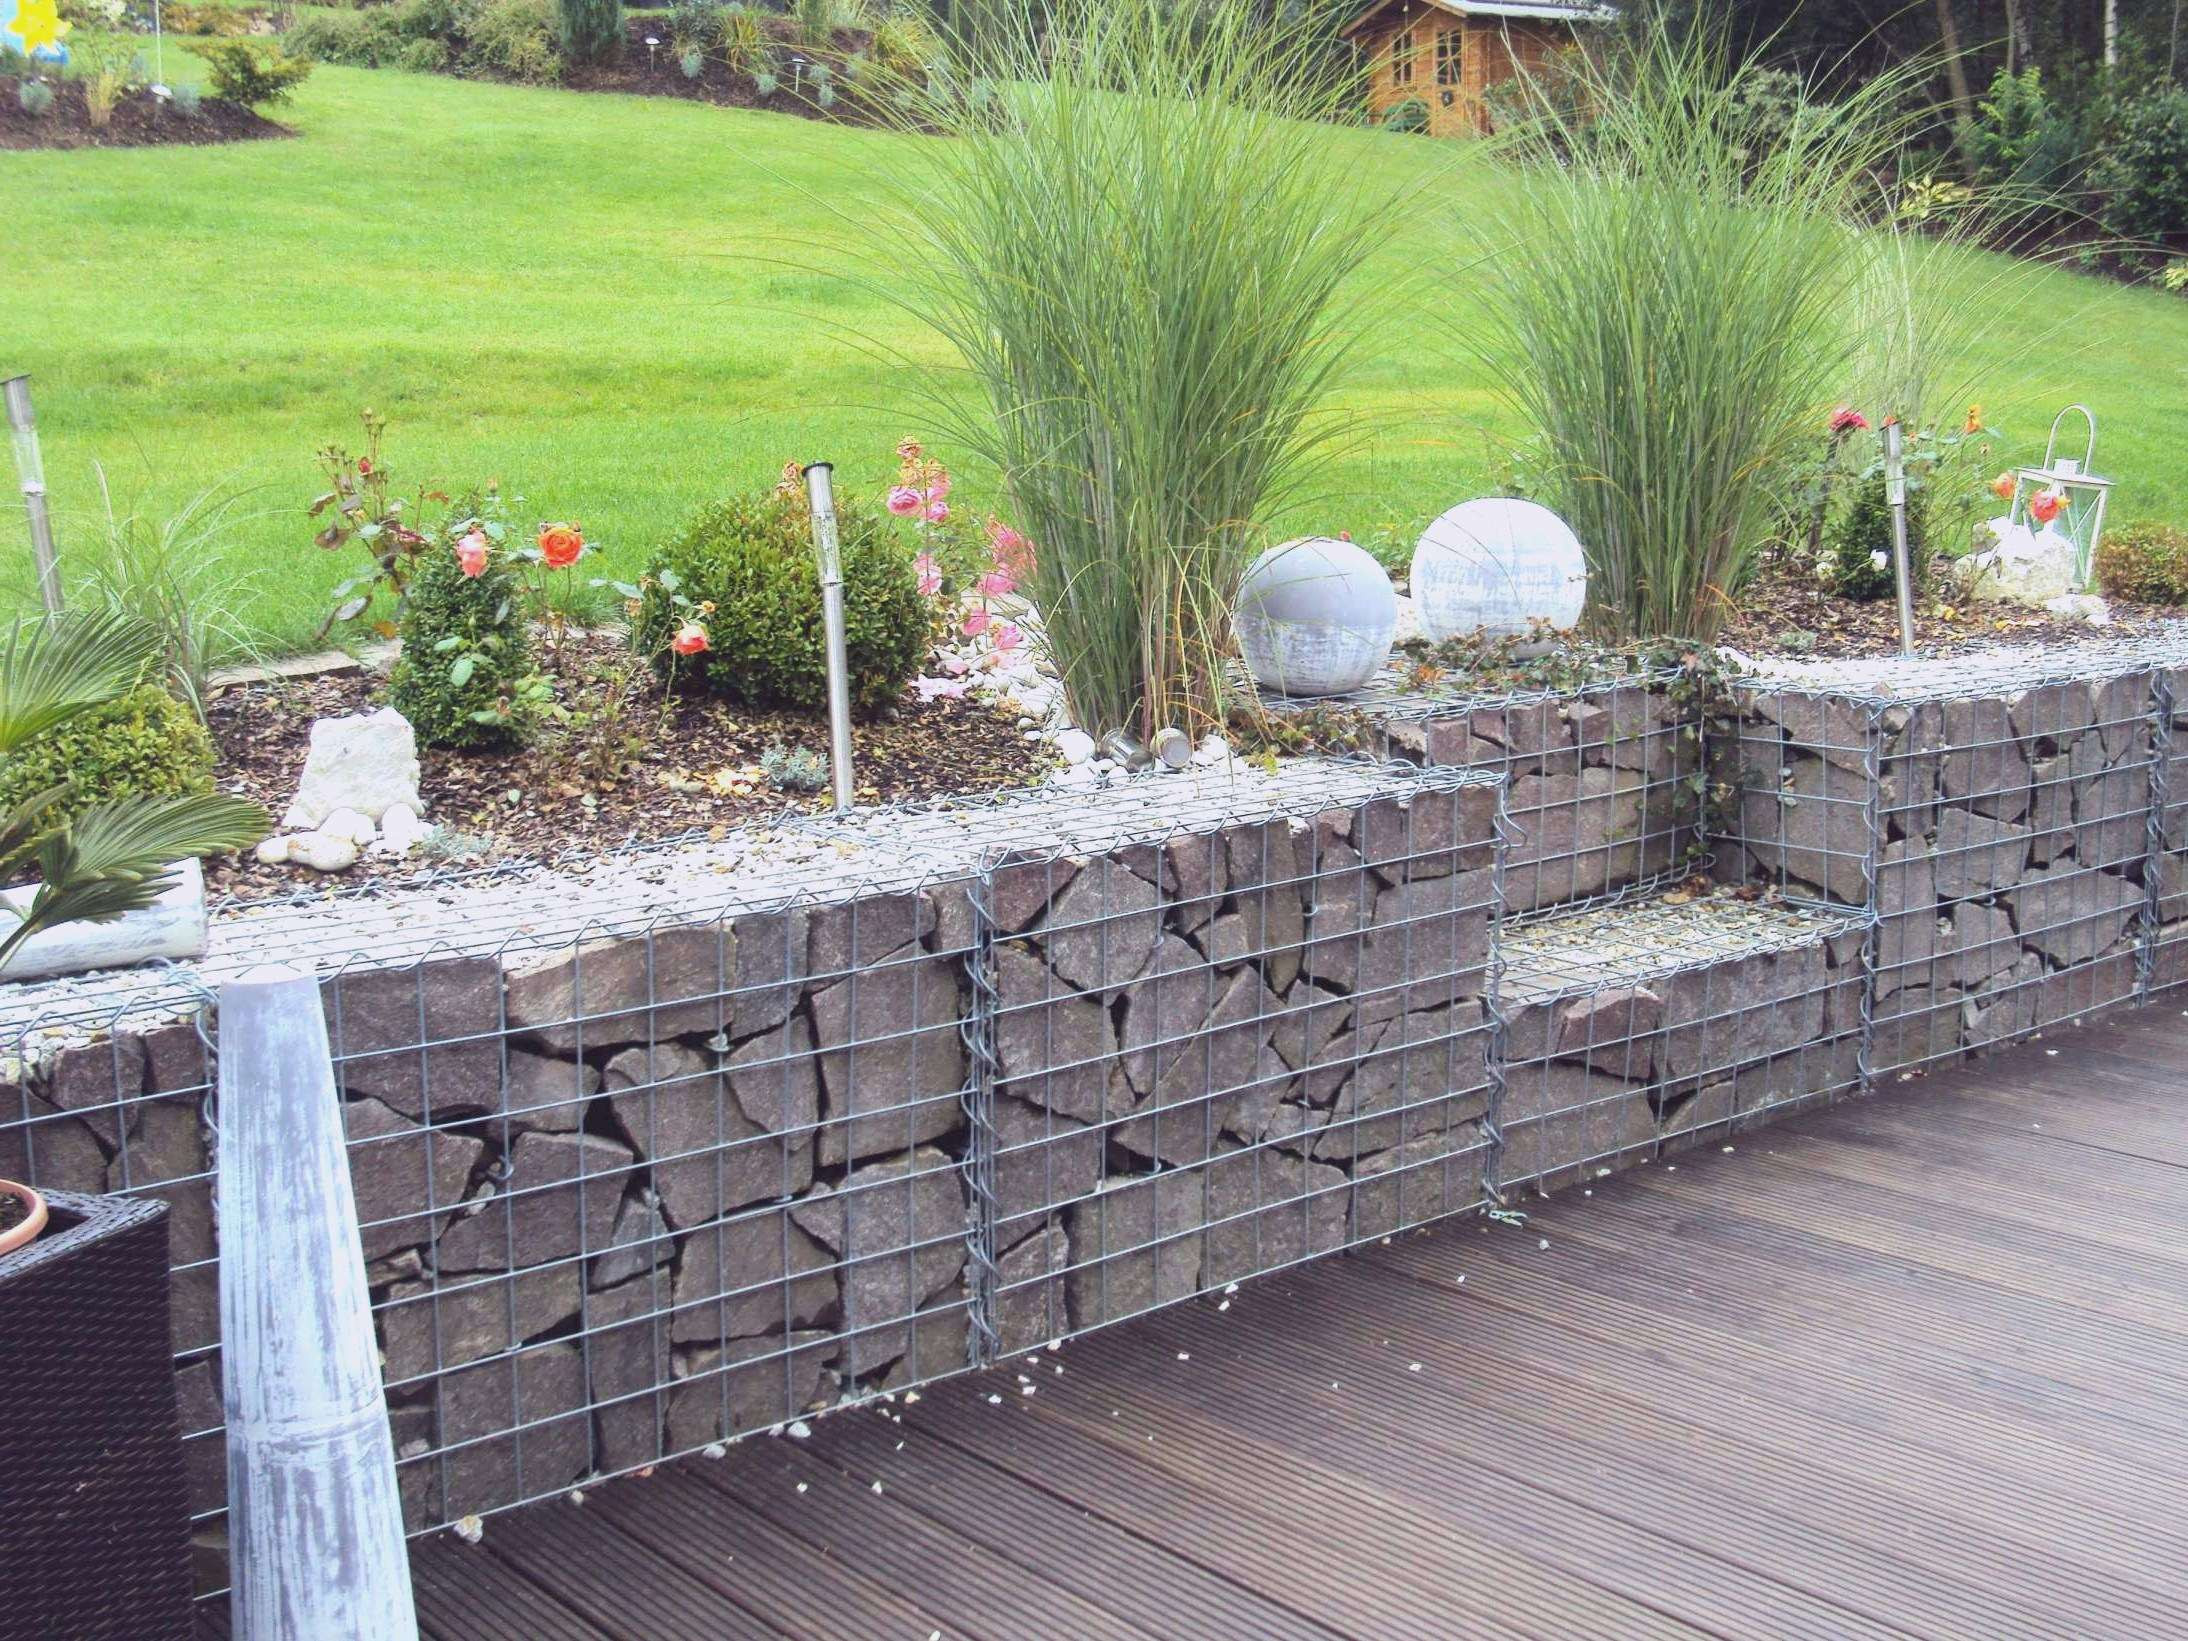 sichtschutz garten ideen pflanzen einzigartig inspirierend terrasse design von garten terrasse ideen of garten terrasse ideen